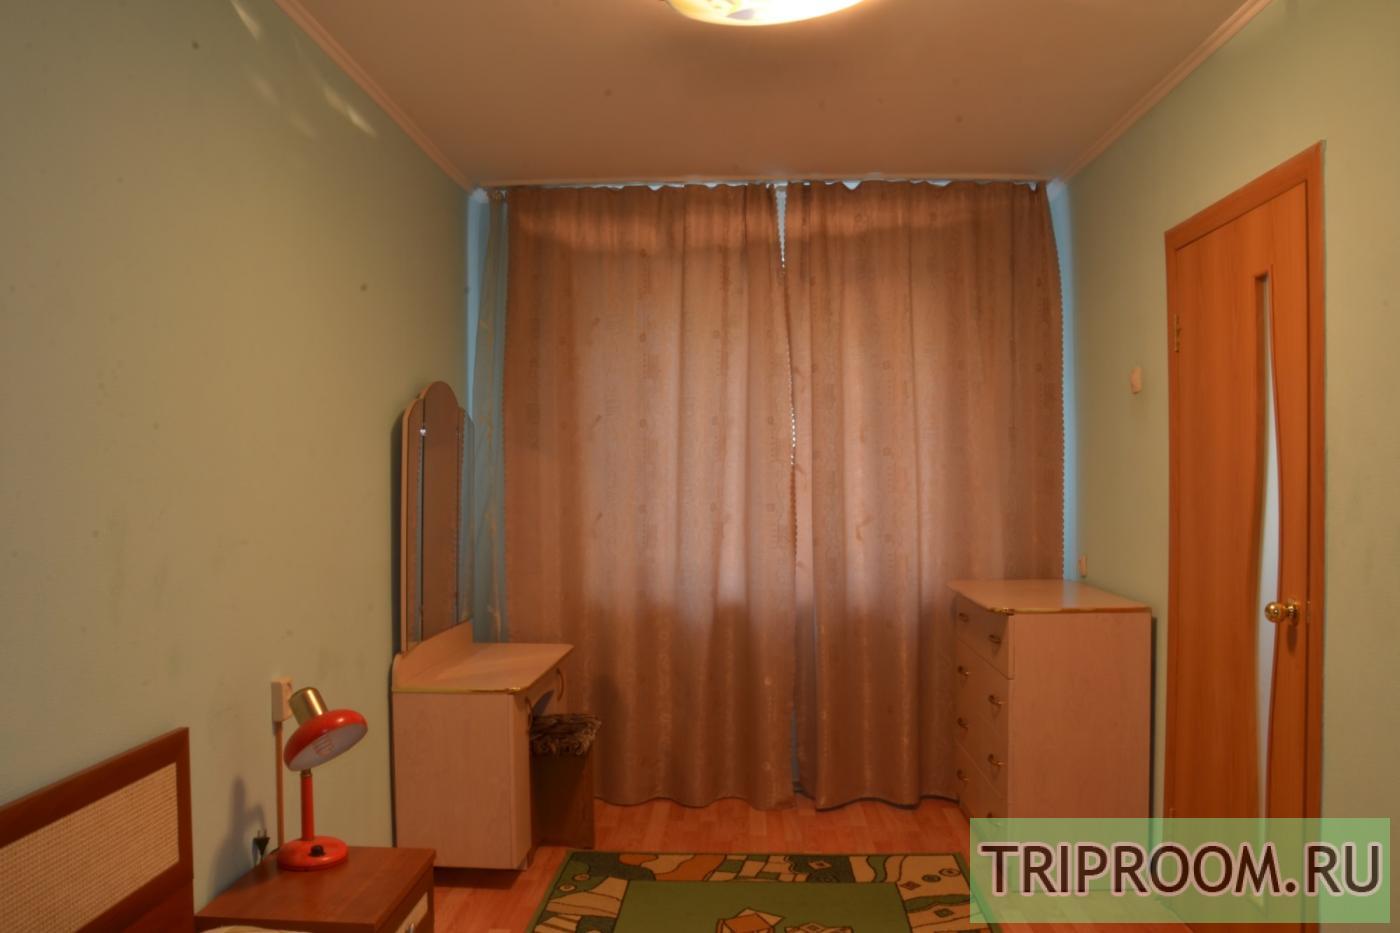 2-комнатная квартира посуточно (вариант № 10577), ул. Тимирязева улица, фото № 5